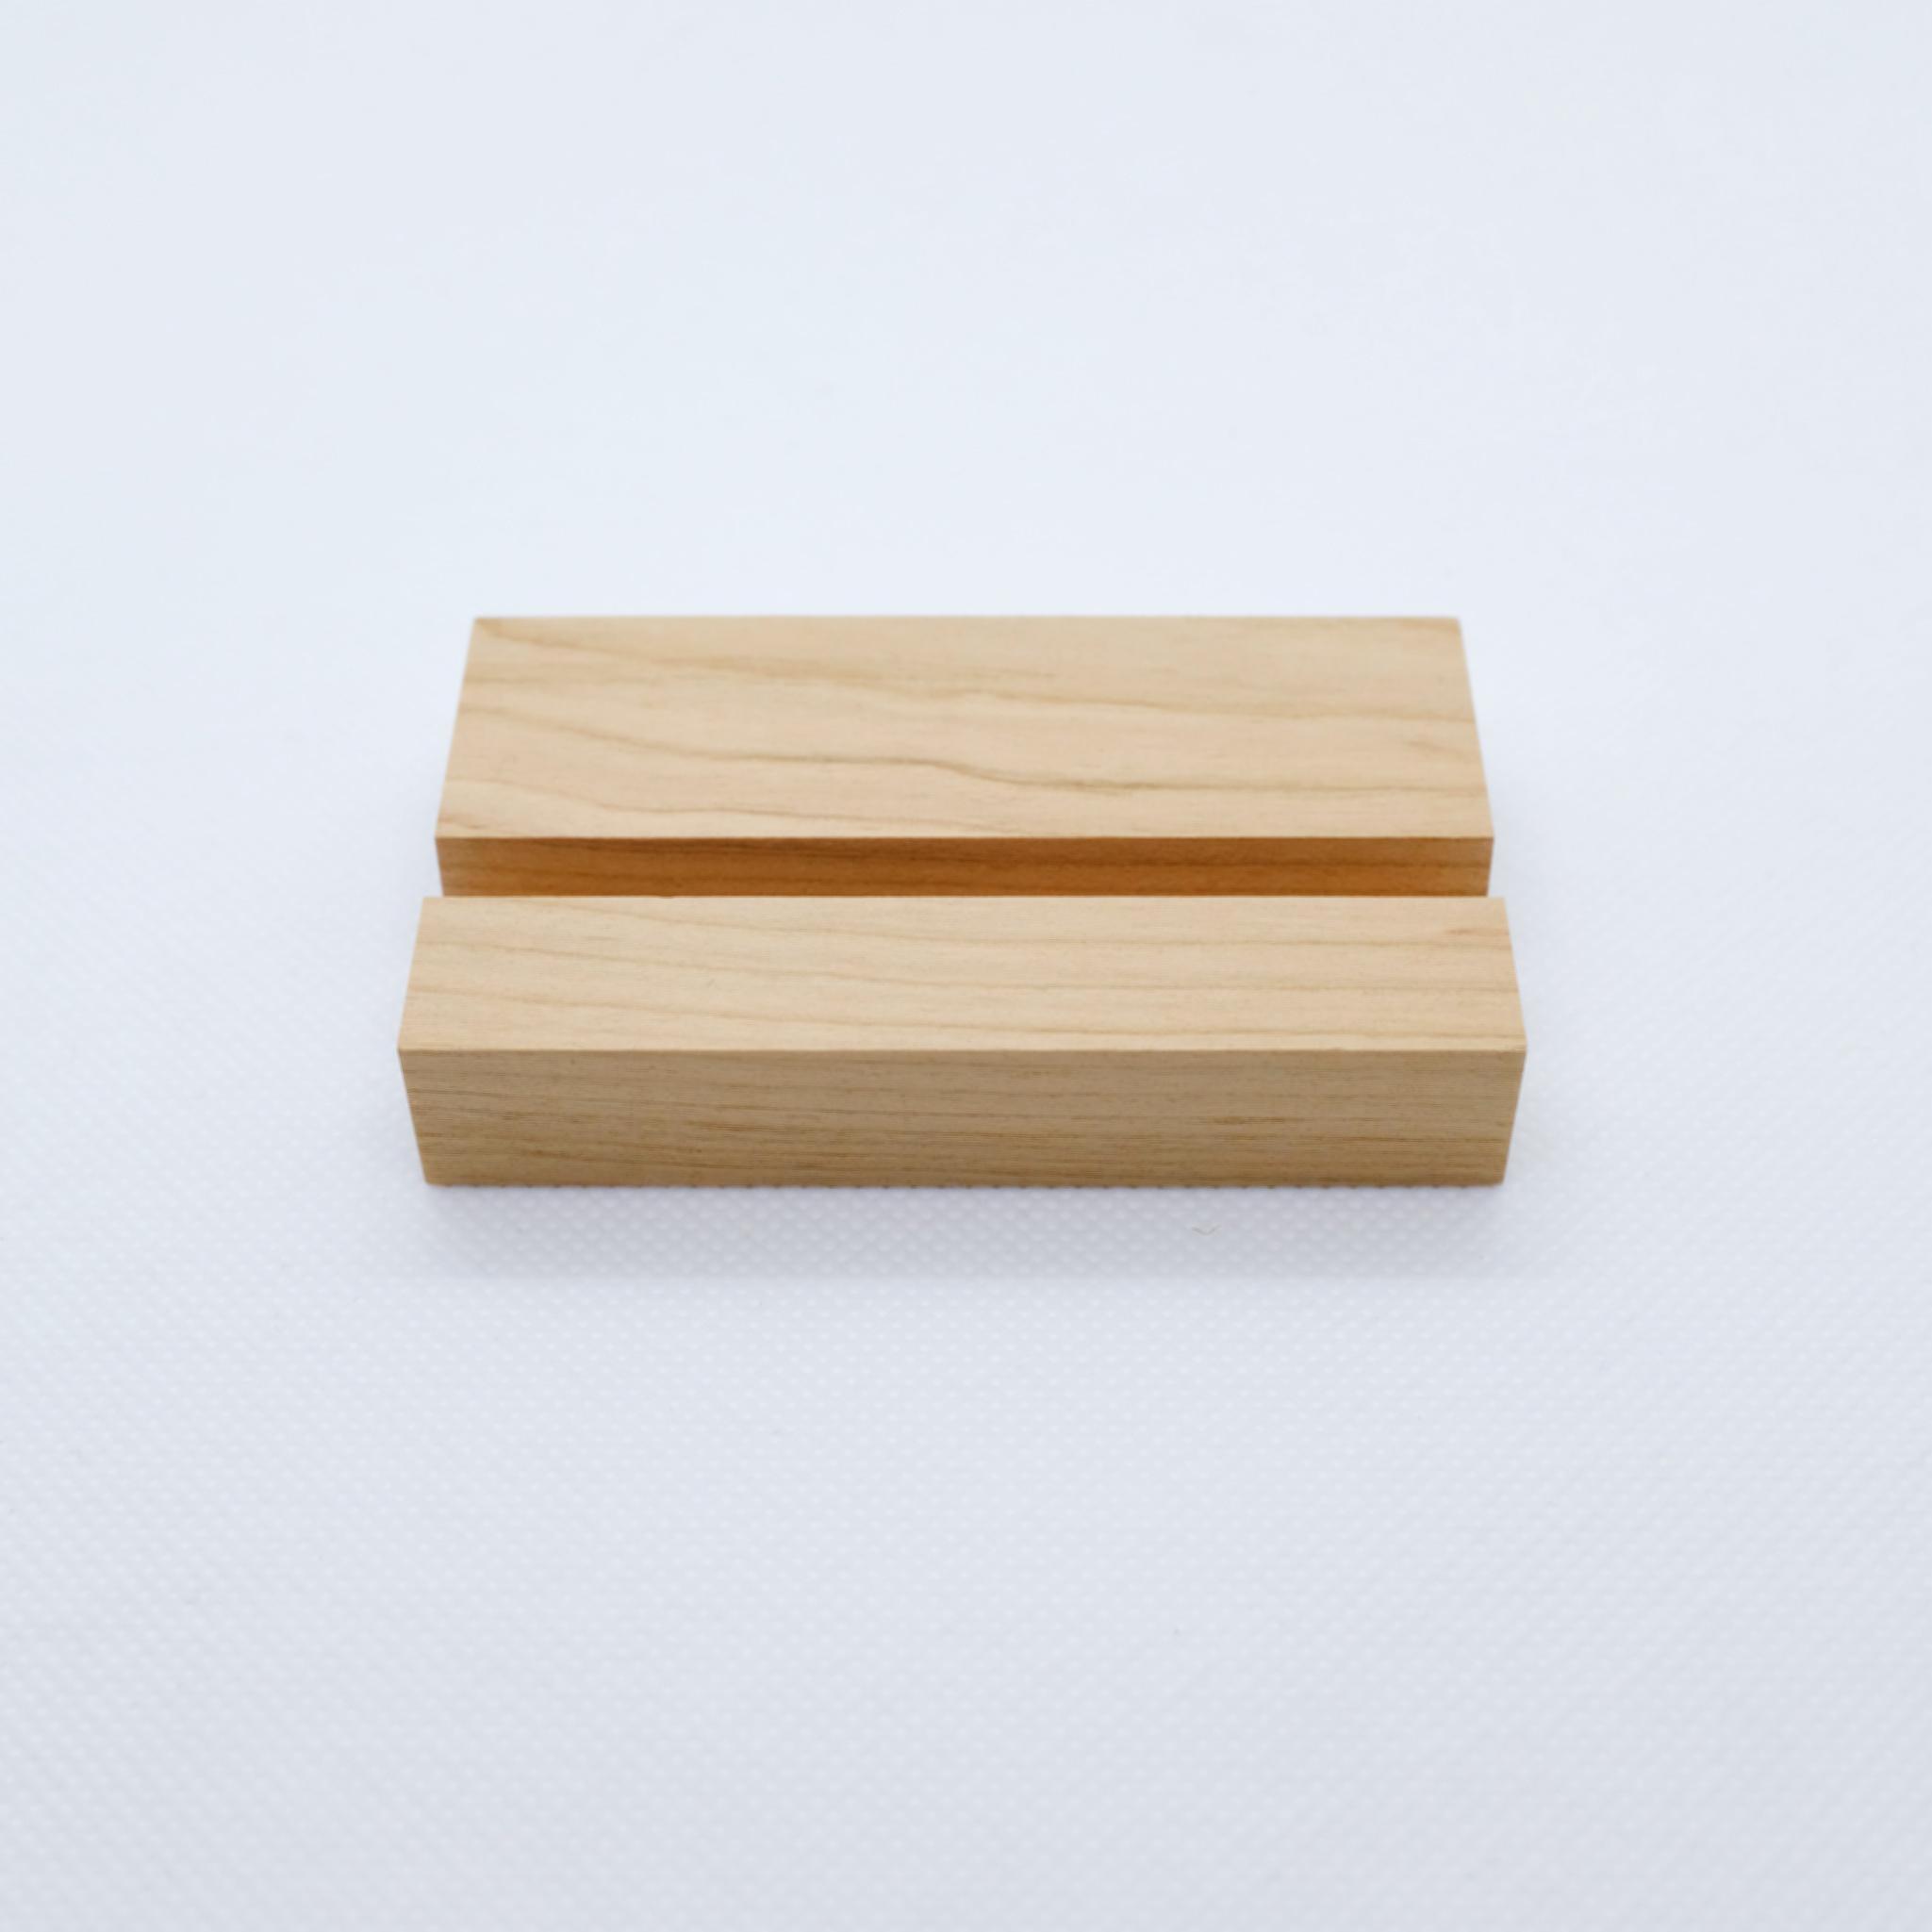 木製スタンド (スクエア・ROSE専用スタンド)